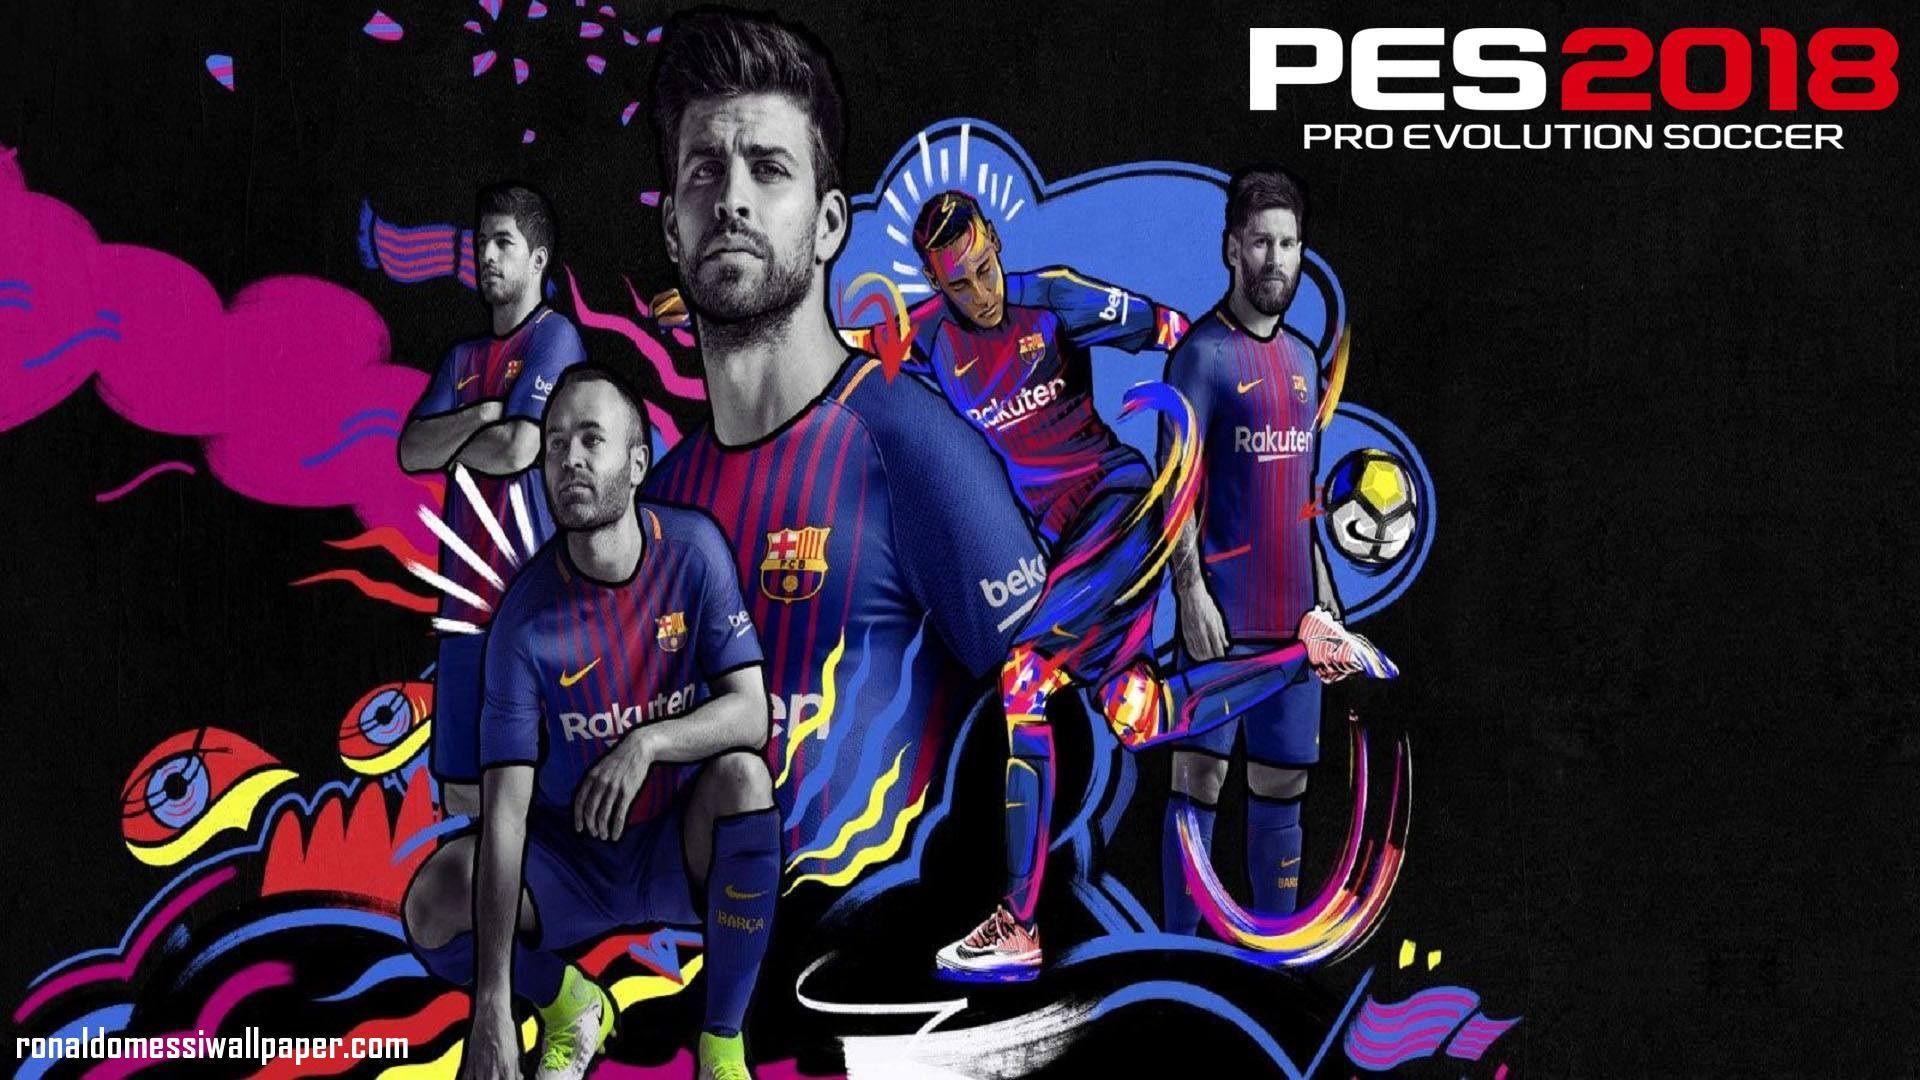 Fondos De Pantalla Del Fútbol Club Barcelona Wallpapers: FC Barcelona 2018 Wallpapers